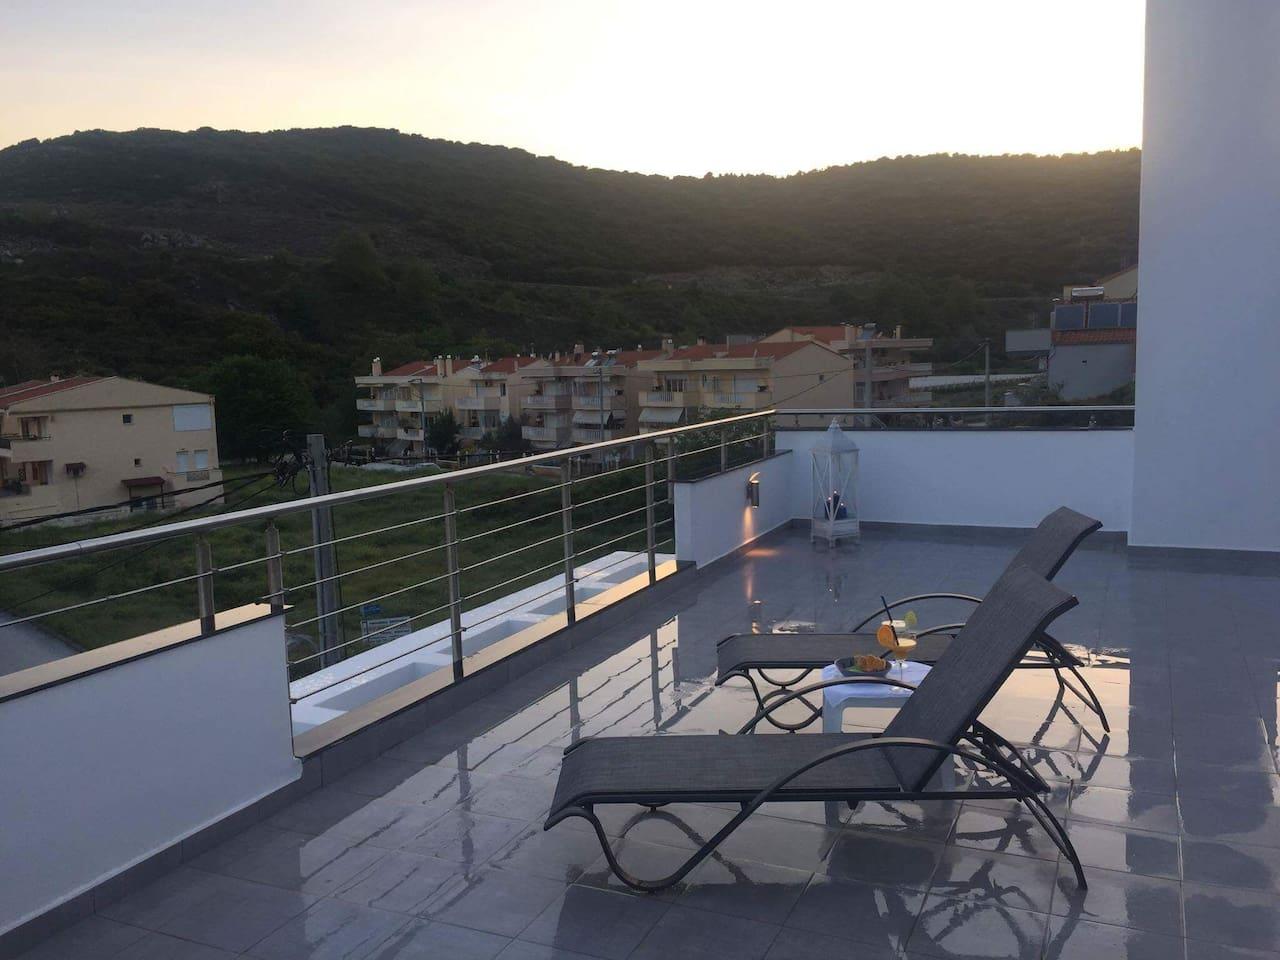 Terrasse mit Blick auf den Bergen